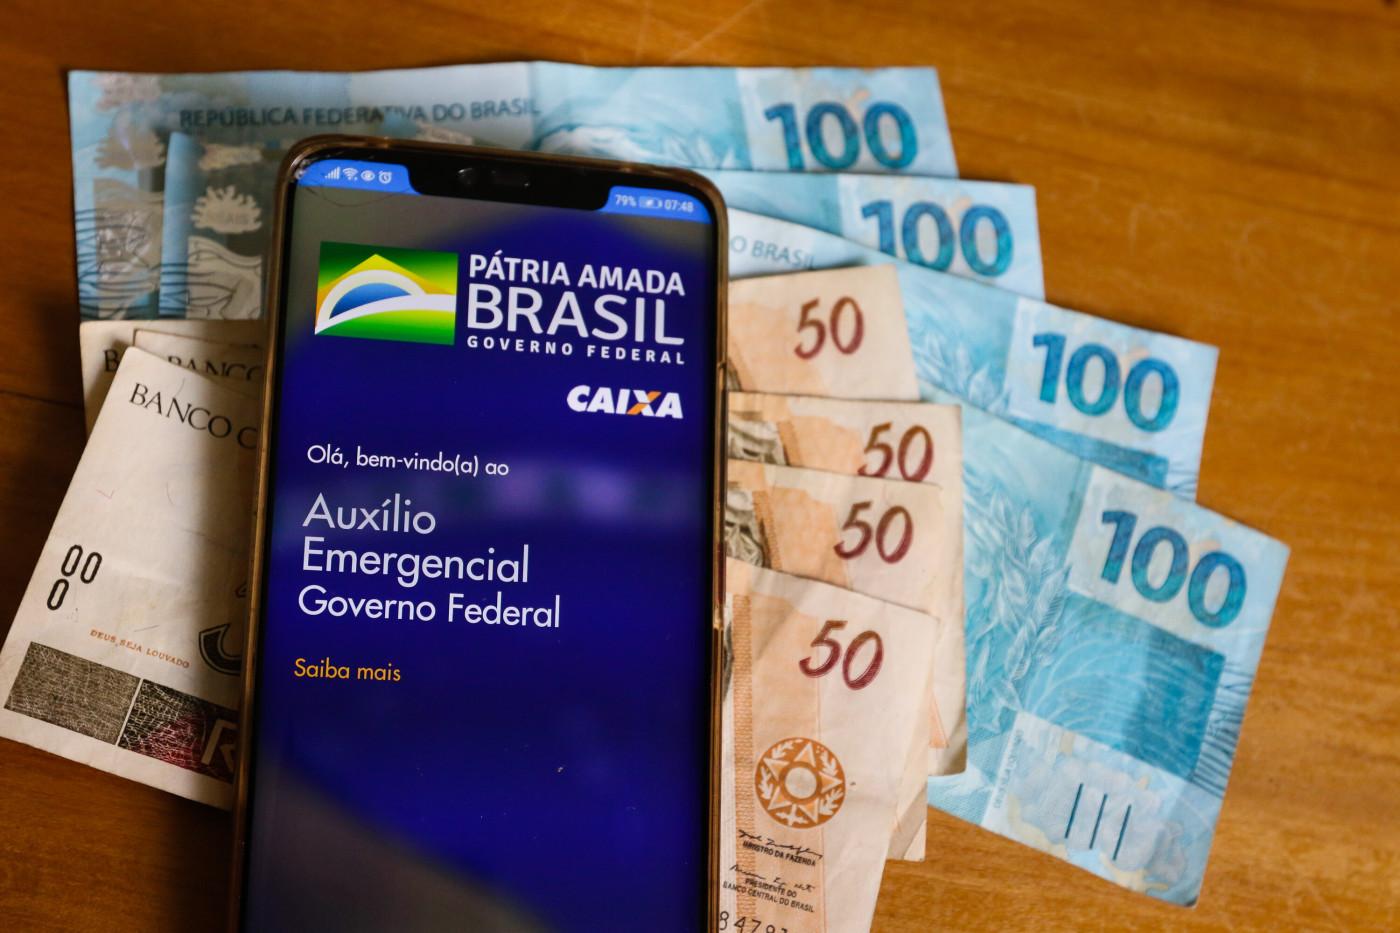 Um celular logado no aplicativo da Caixa para o recebimento do auxílio emergencial e notas de dinheiro ao lado do aparelho